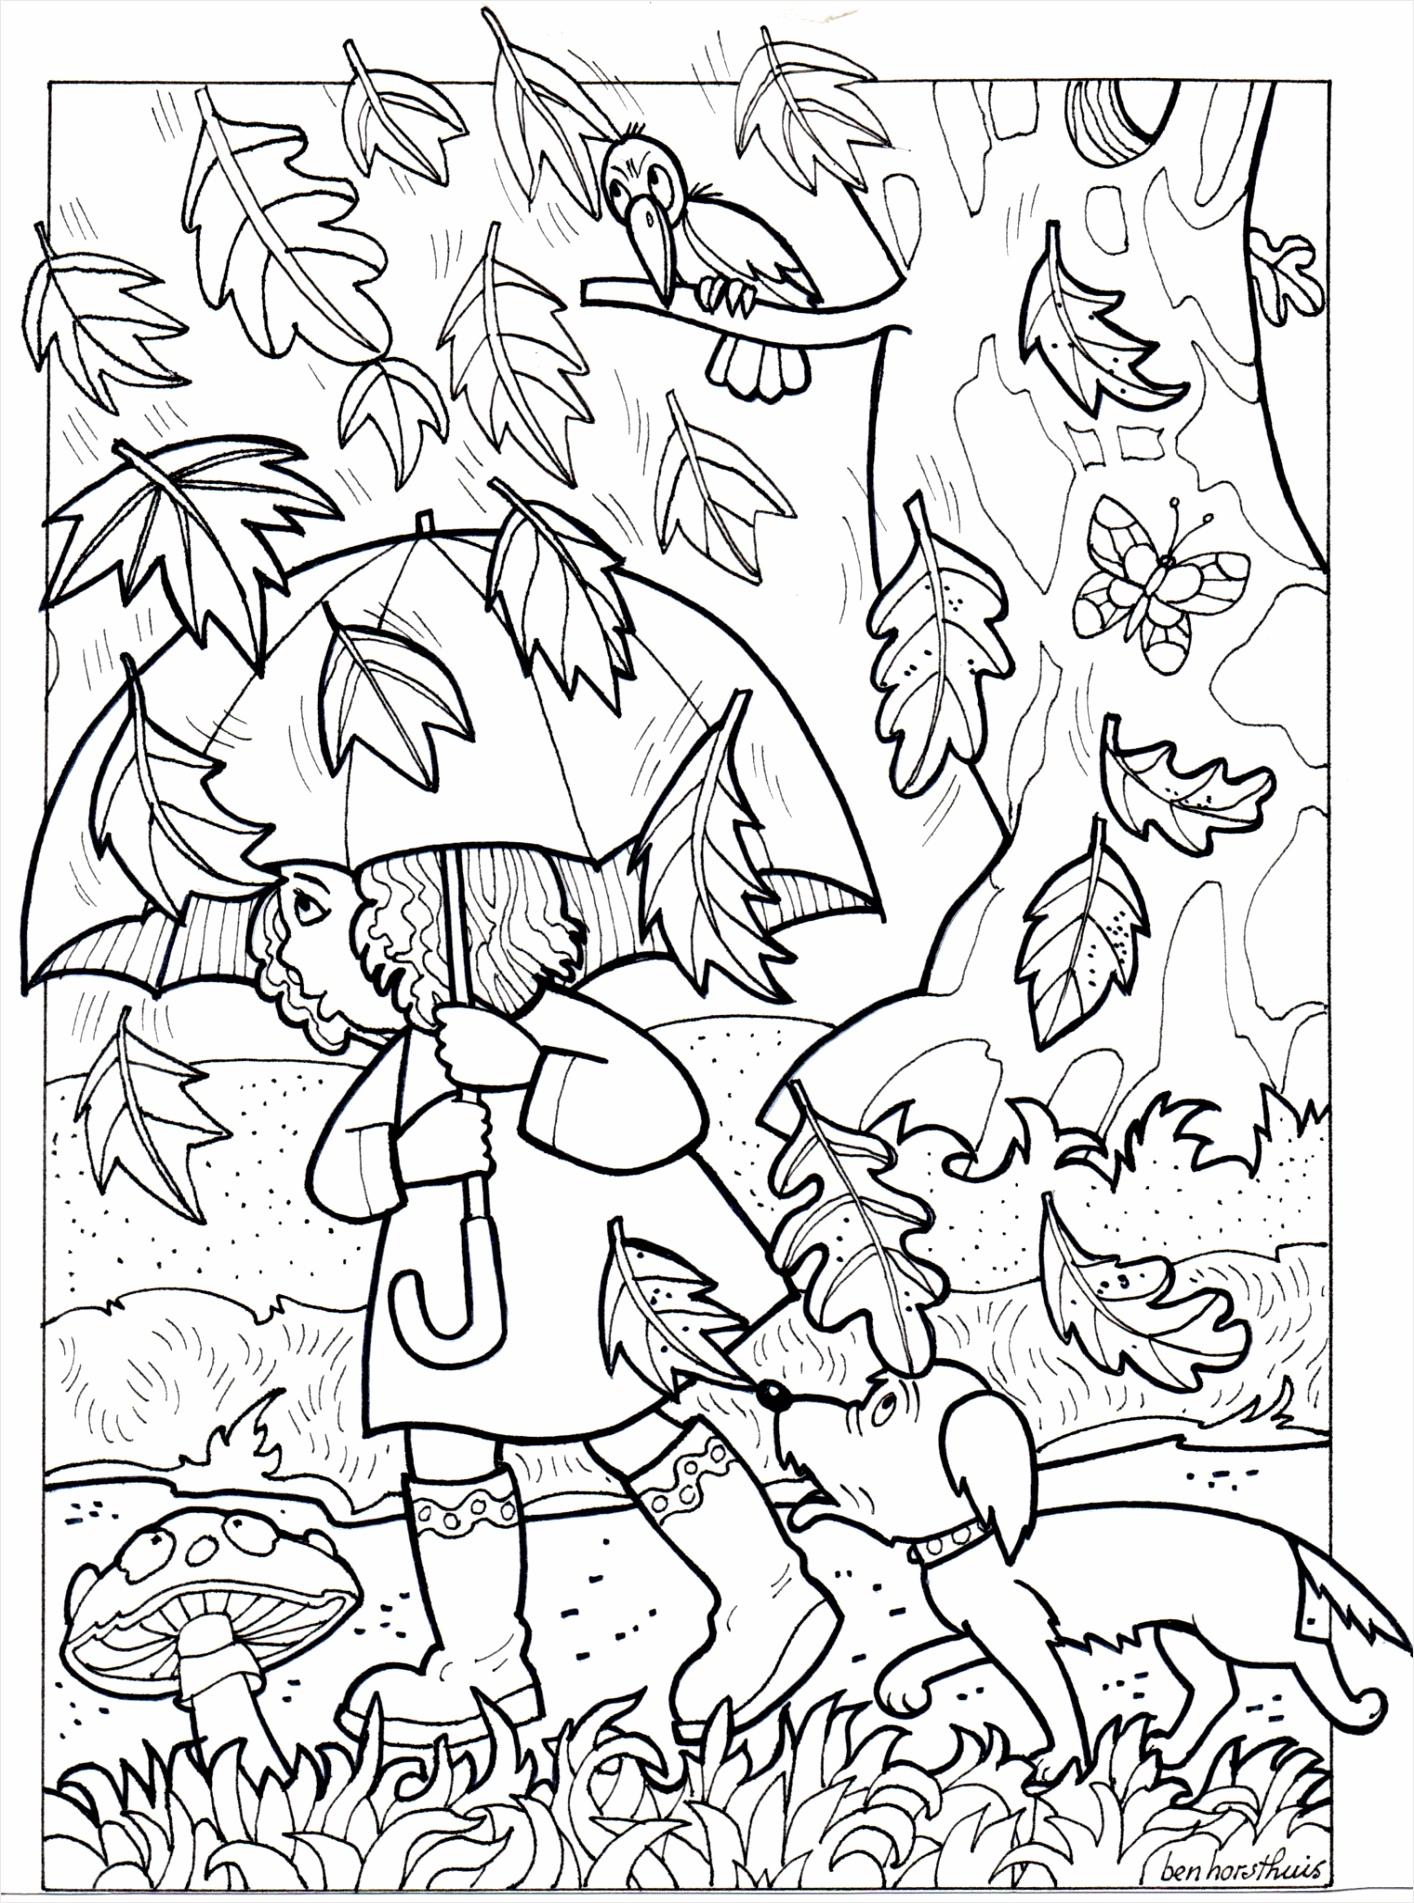 zwangerschap kleurplaat coloringpages234